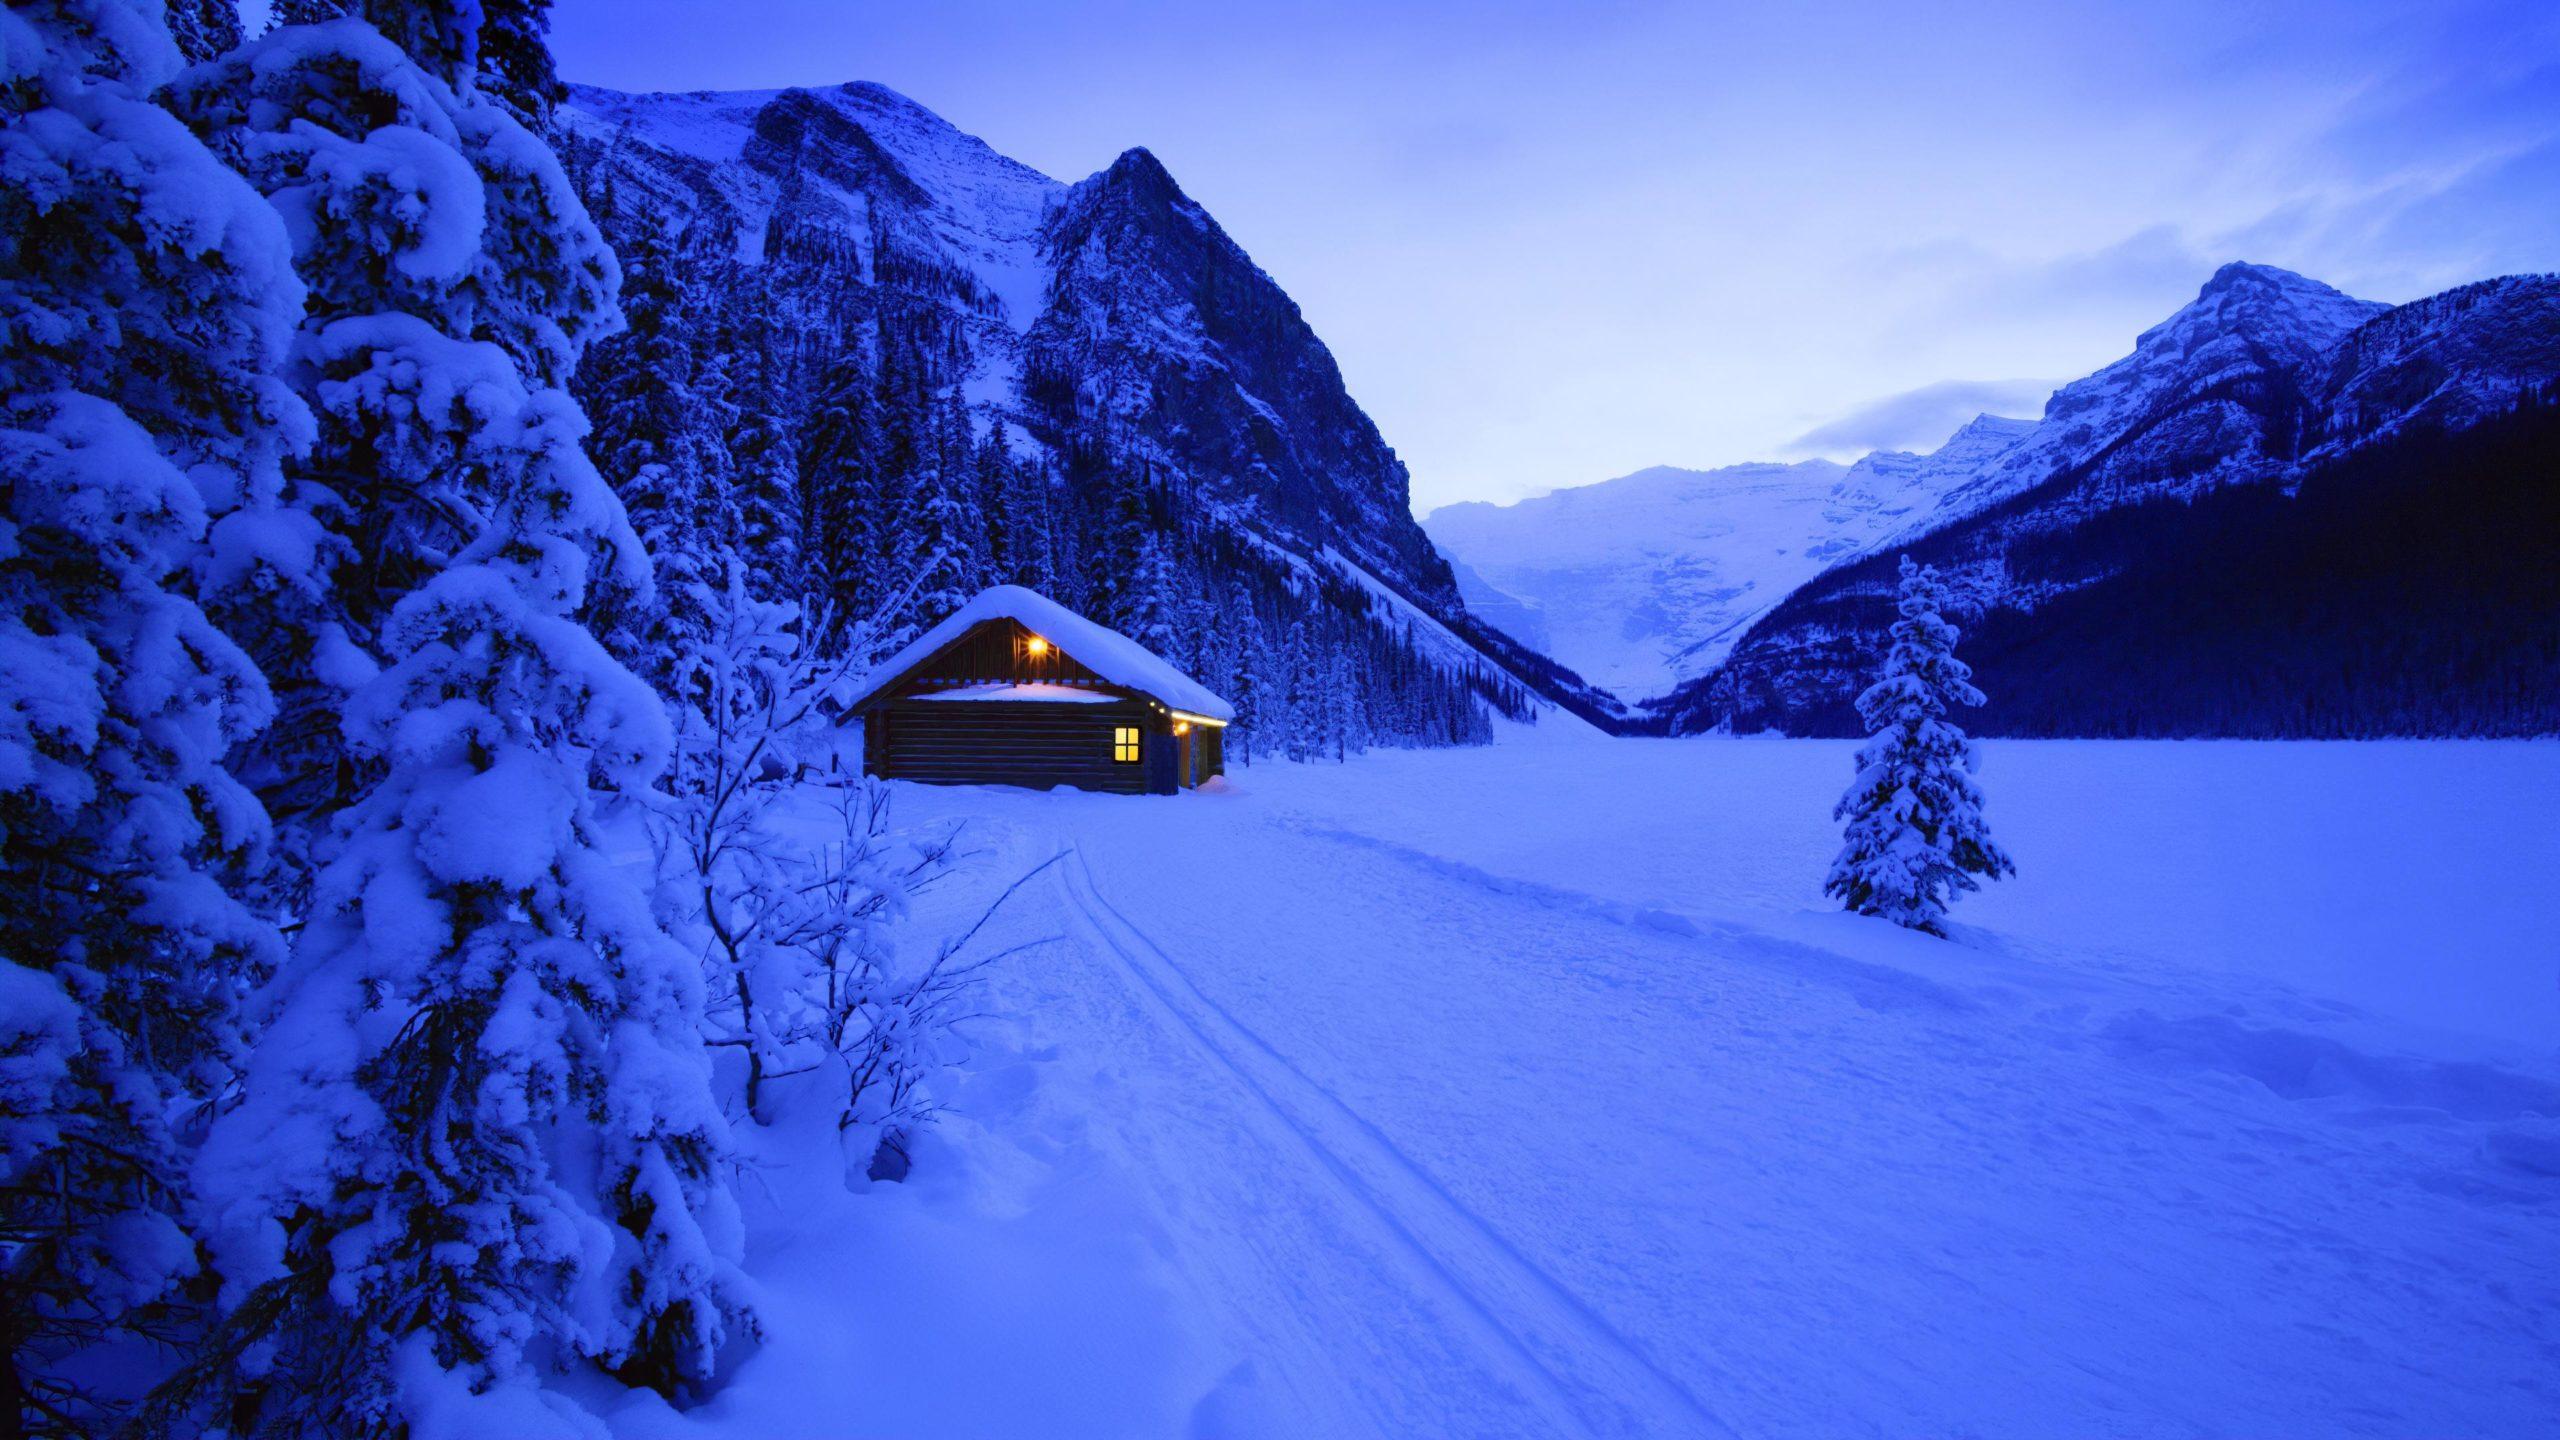 Одинокий дом в горах снег ночь лес зима горы